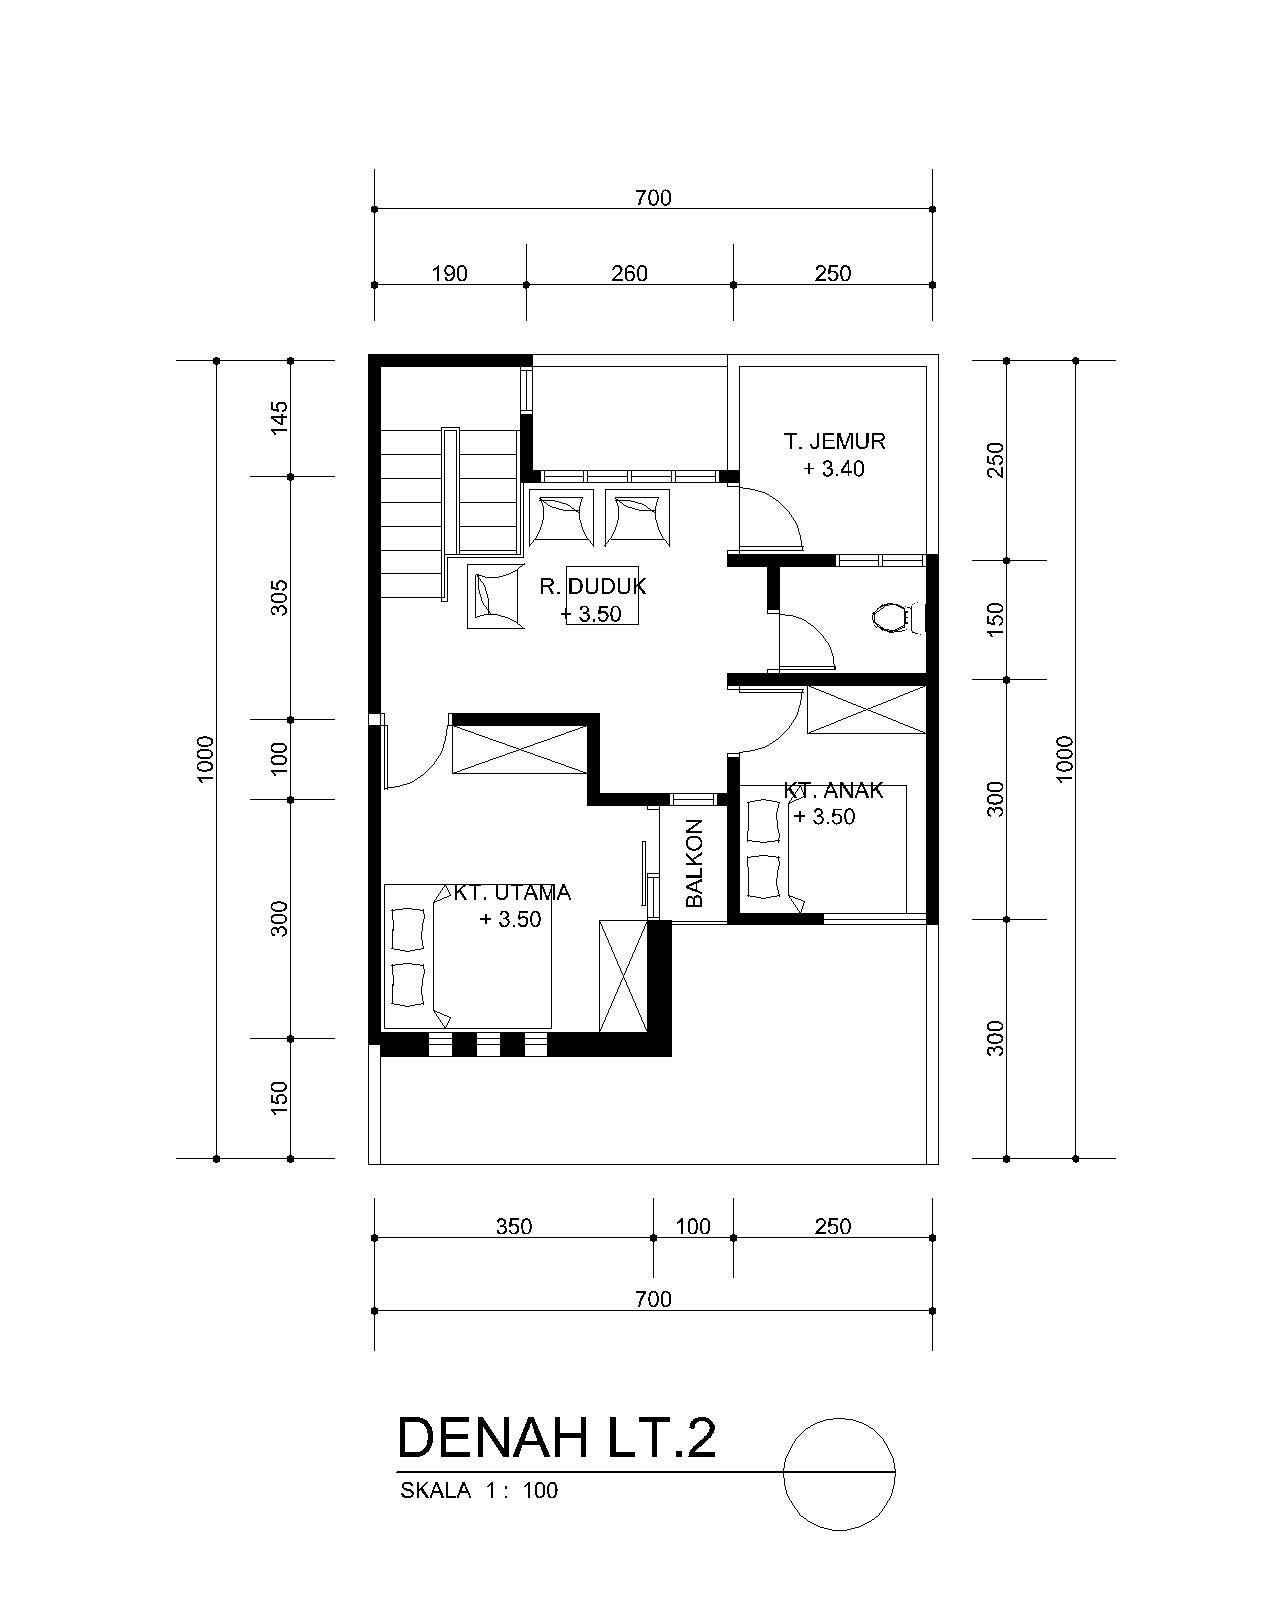 planning of buildings DESAIN RUMAH MINIMALIS MUNGIL 7 X 10 METER